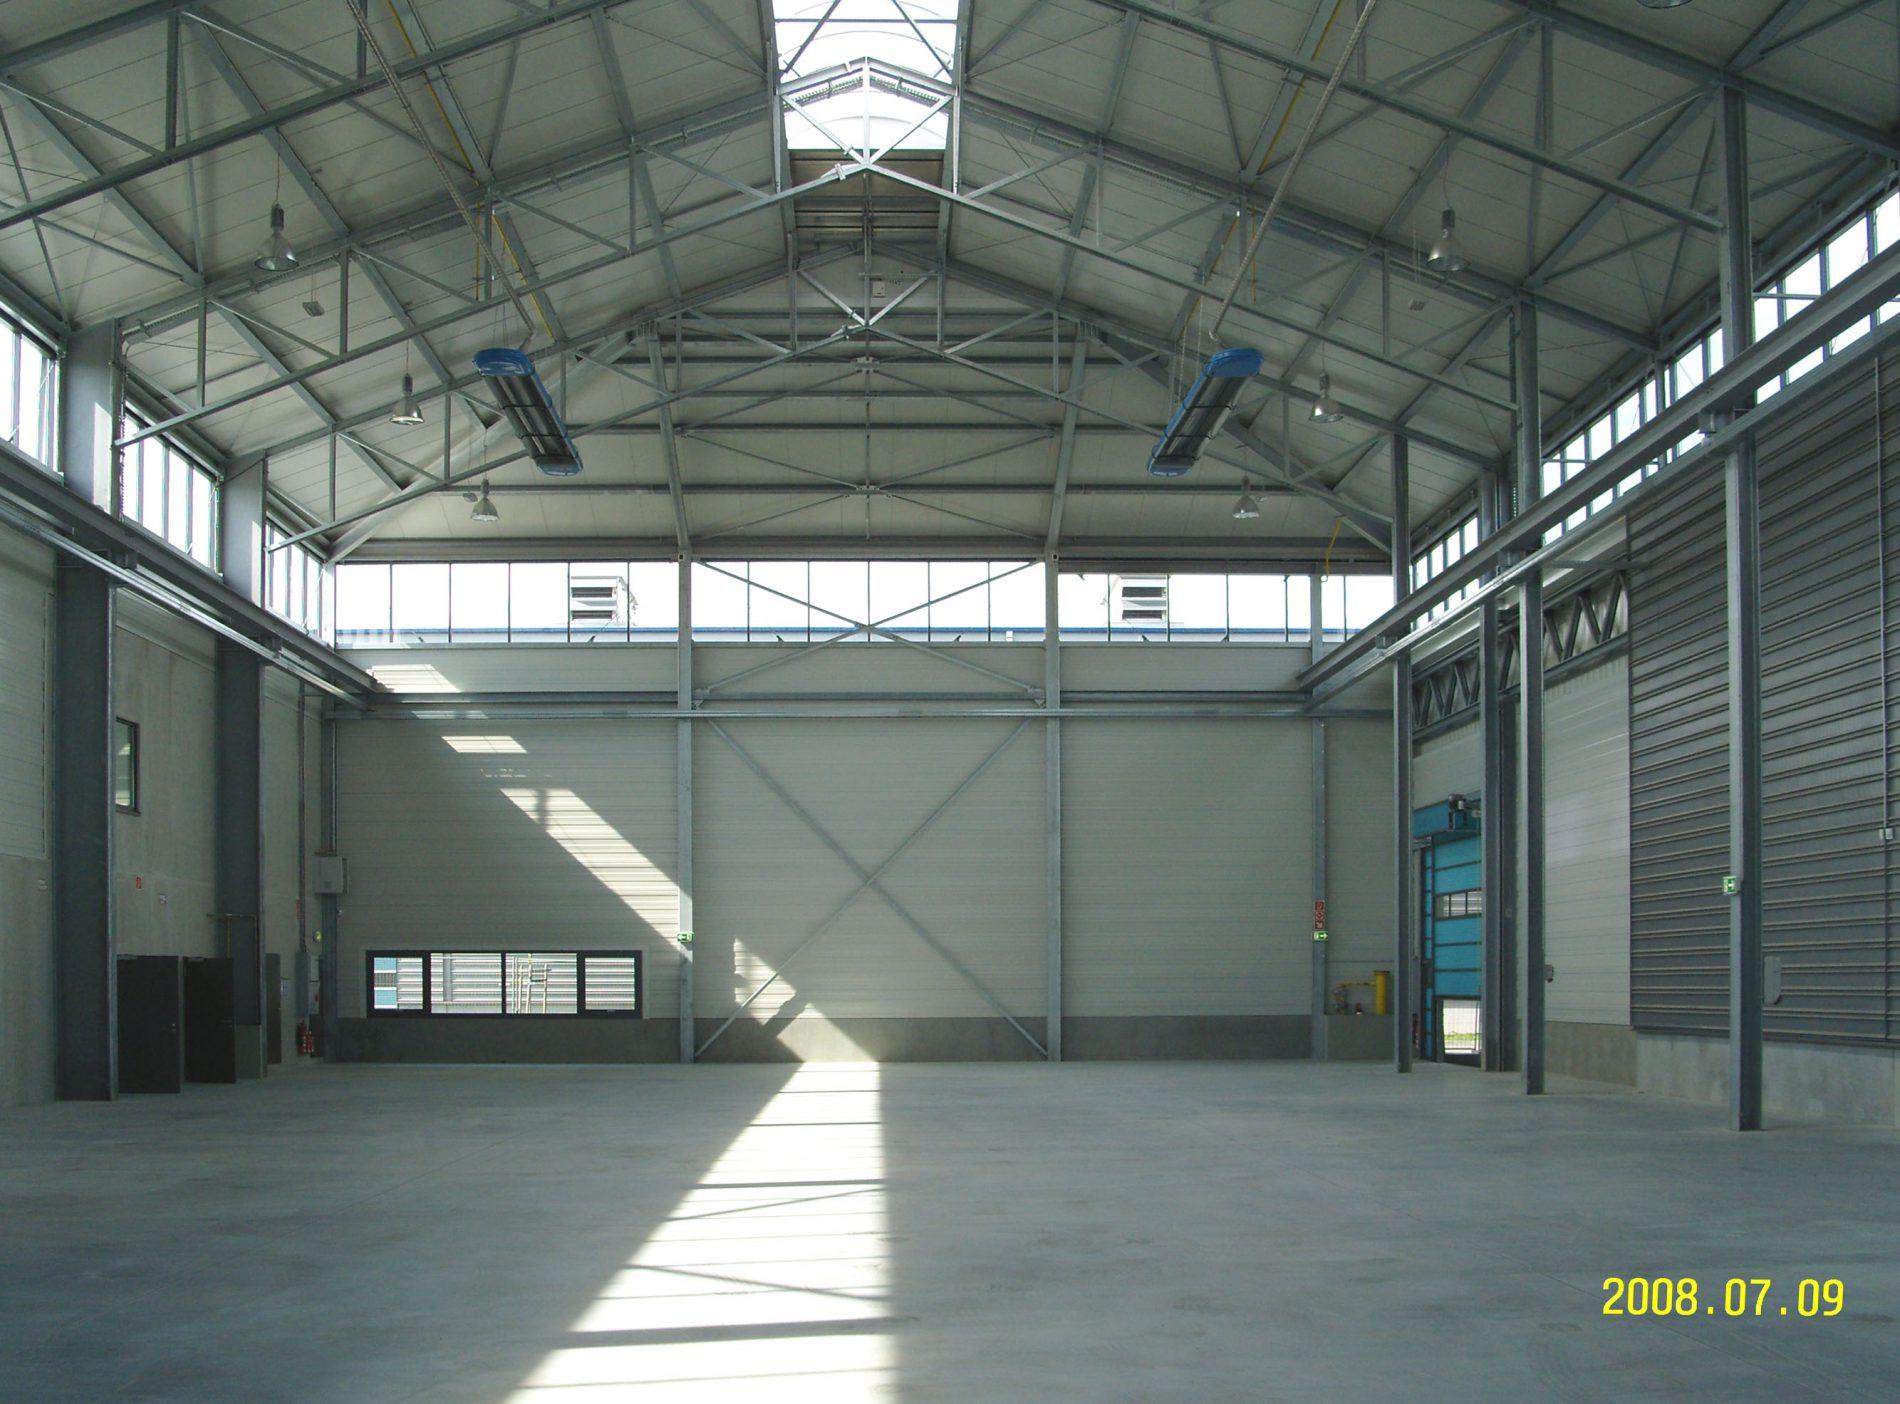 RIN Neubau Werkhalle Ralph Manthey Architekten Ingenieure Berlin